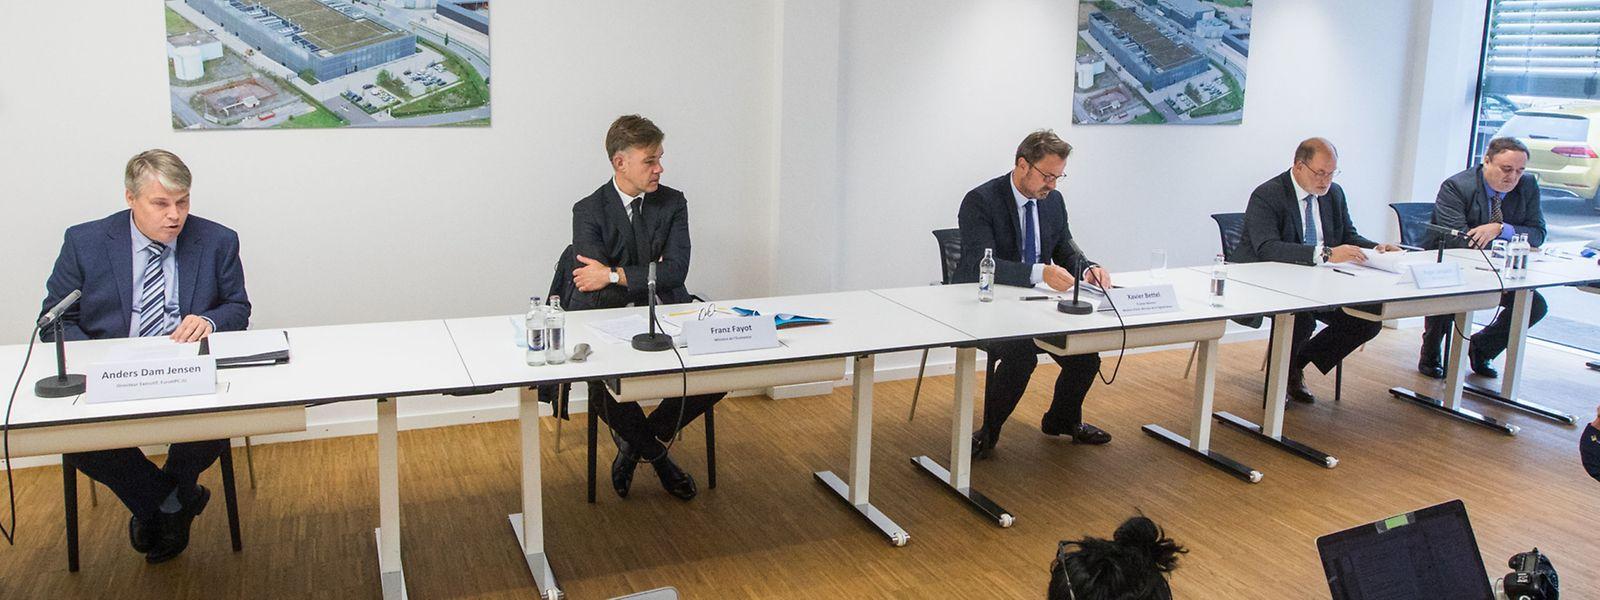 Le Grand-Duché devient le «siège de l'entité gestionnaire du nouveau réseau européen de superordinateurs», se réjouit le Premier ministre Xavier Bettel.